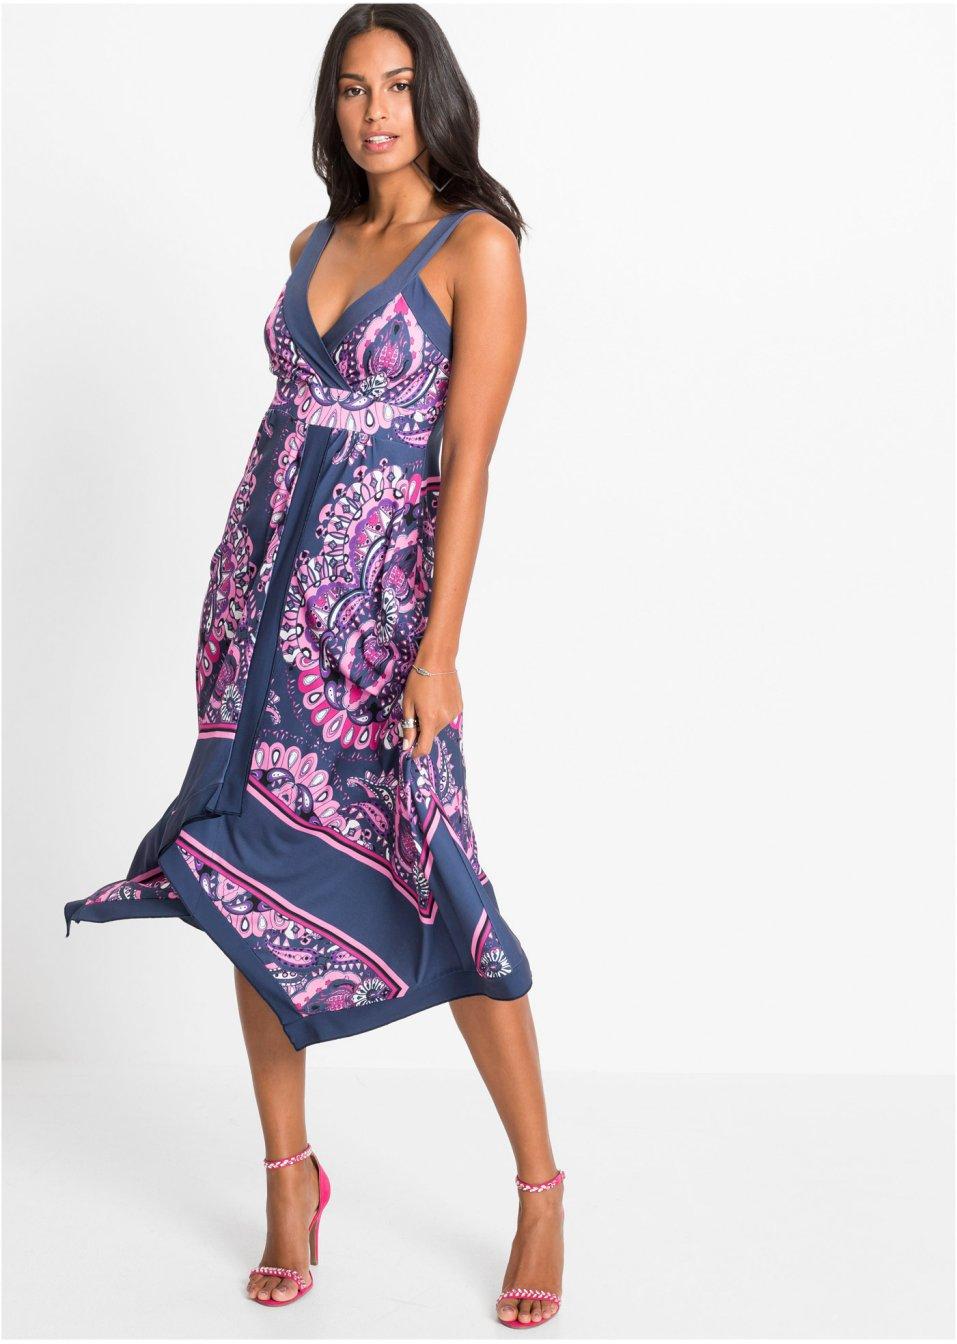 Mode Femme Vêtements DJLfdOFlkj Robe exclusive à pans bleu foncé imprimé